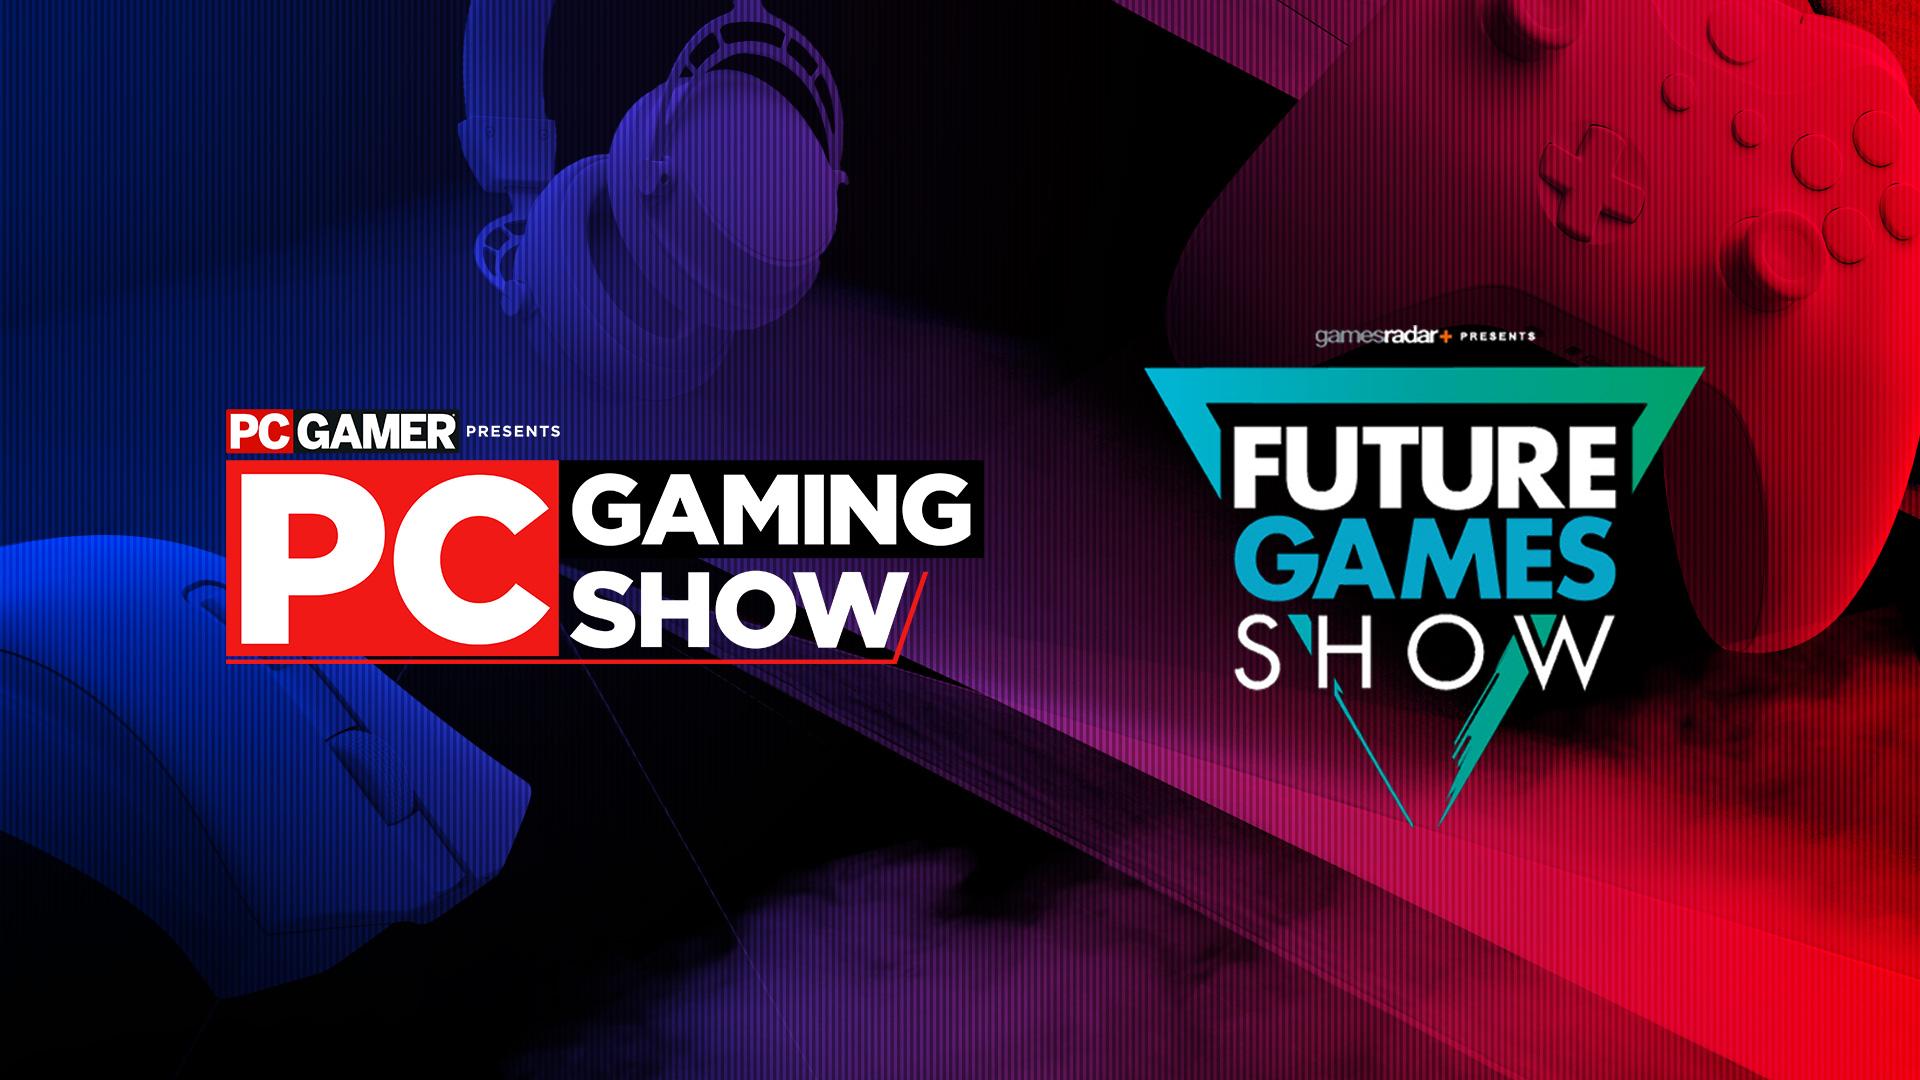 PC Gaming Show, Future Games Show E3 2021